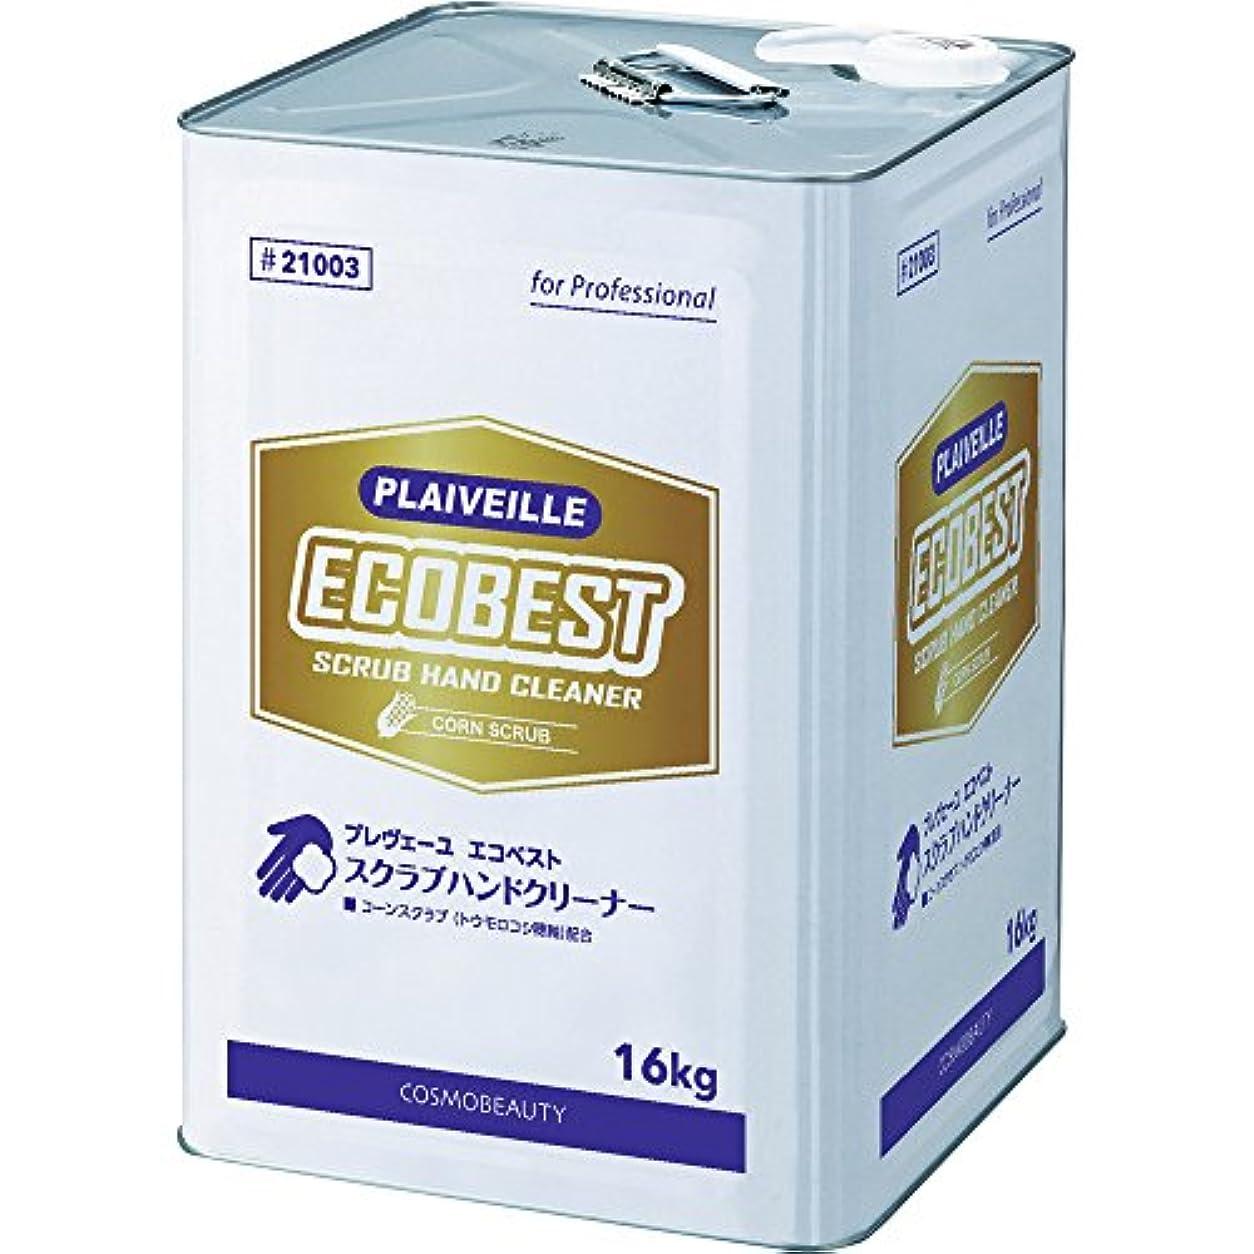 箱一般的な豊かにするモクケン プレヴェーユ エコベスト 21003 ハンドソープ(スクラブ入り)